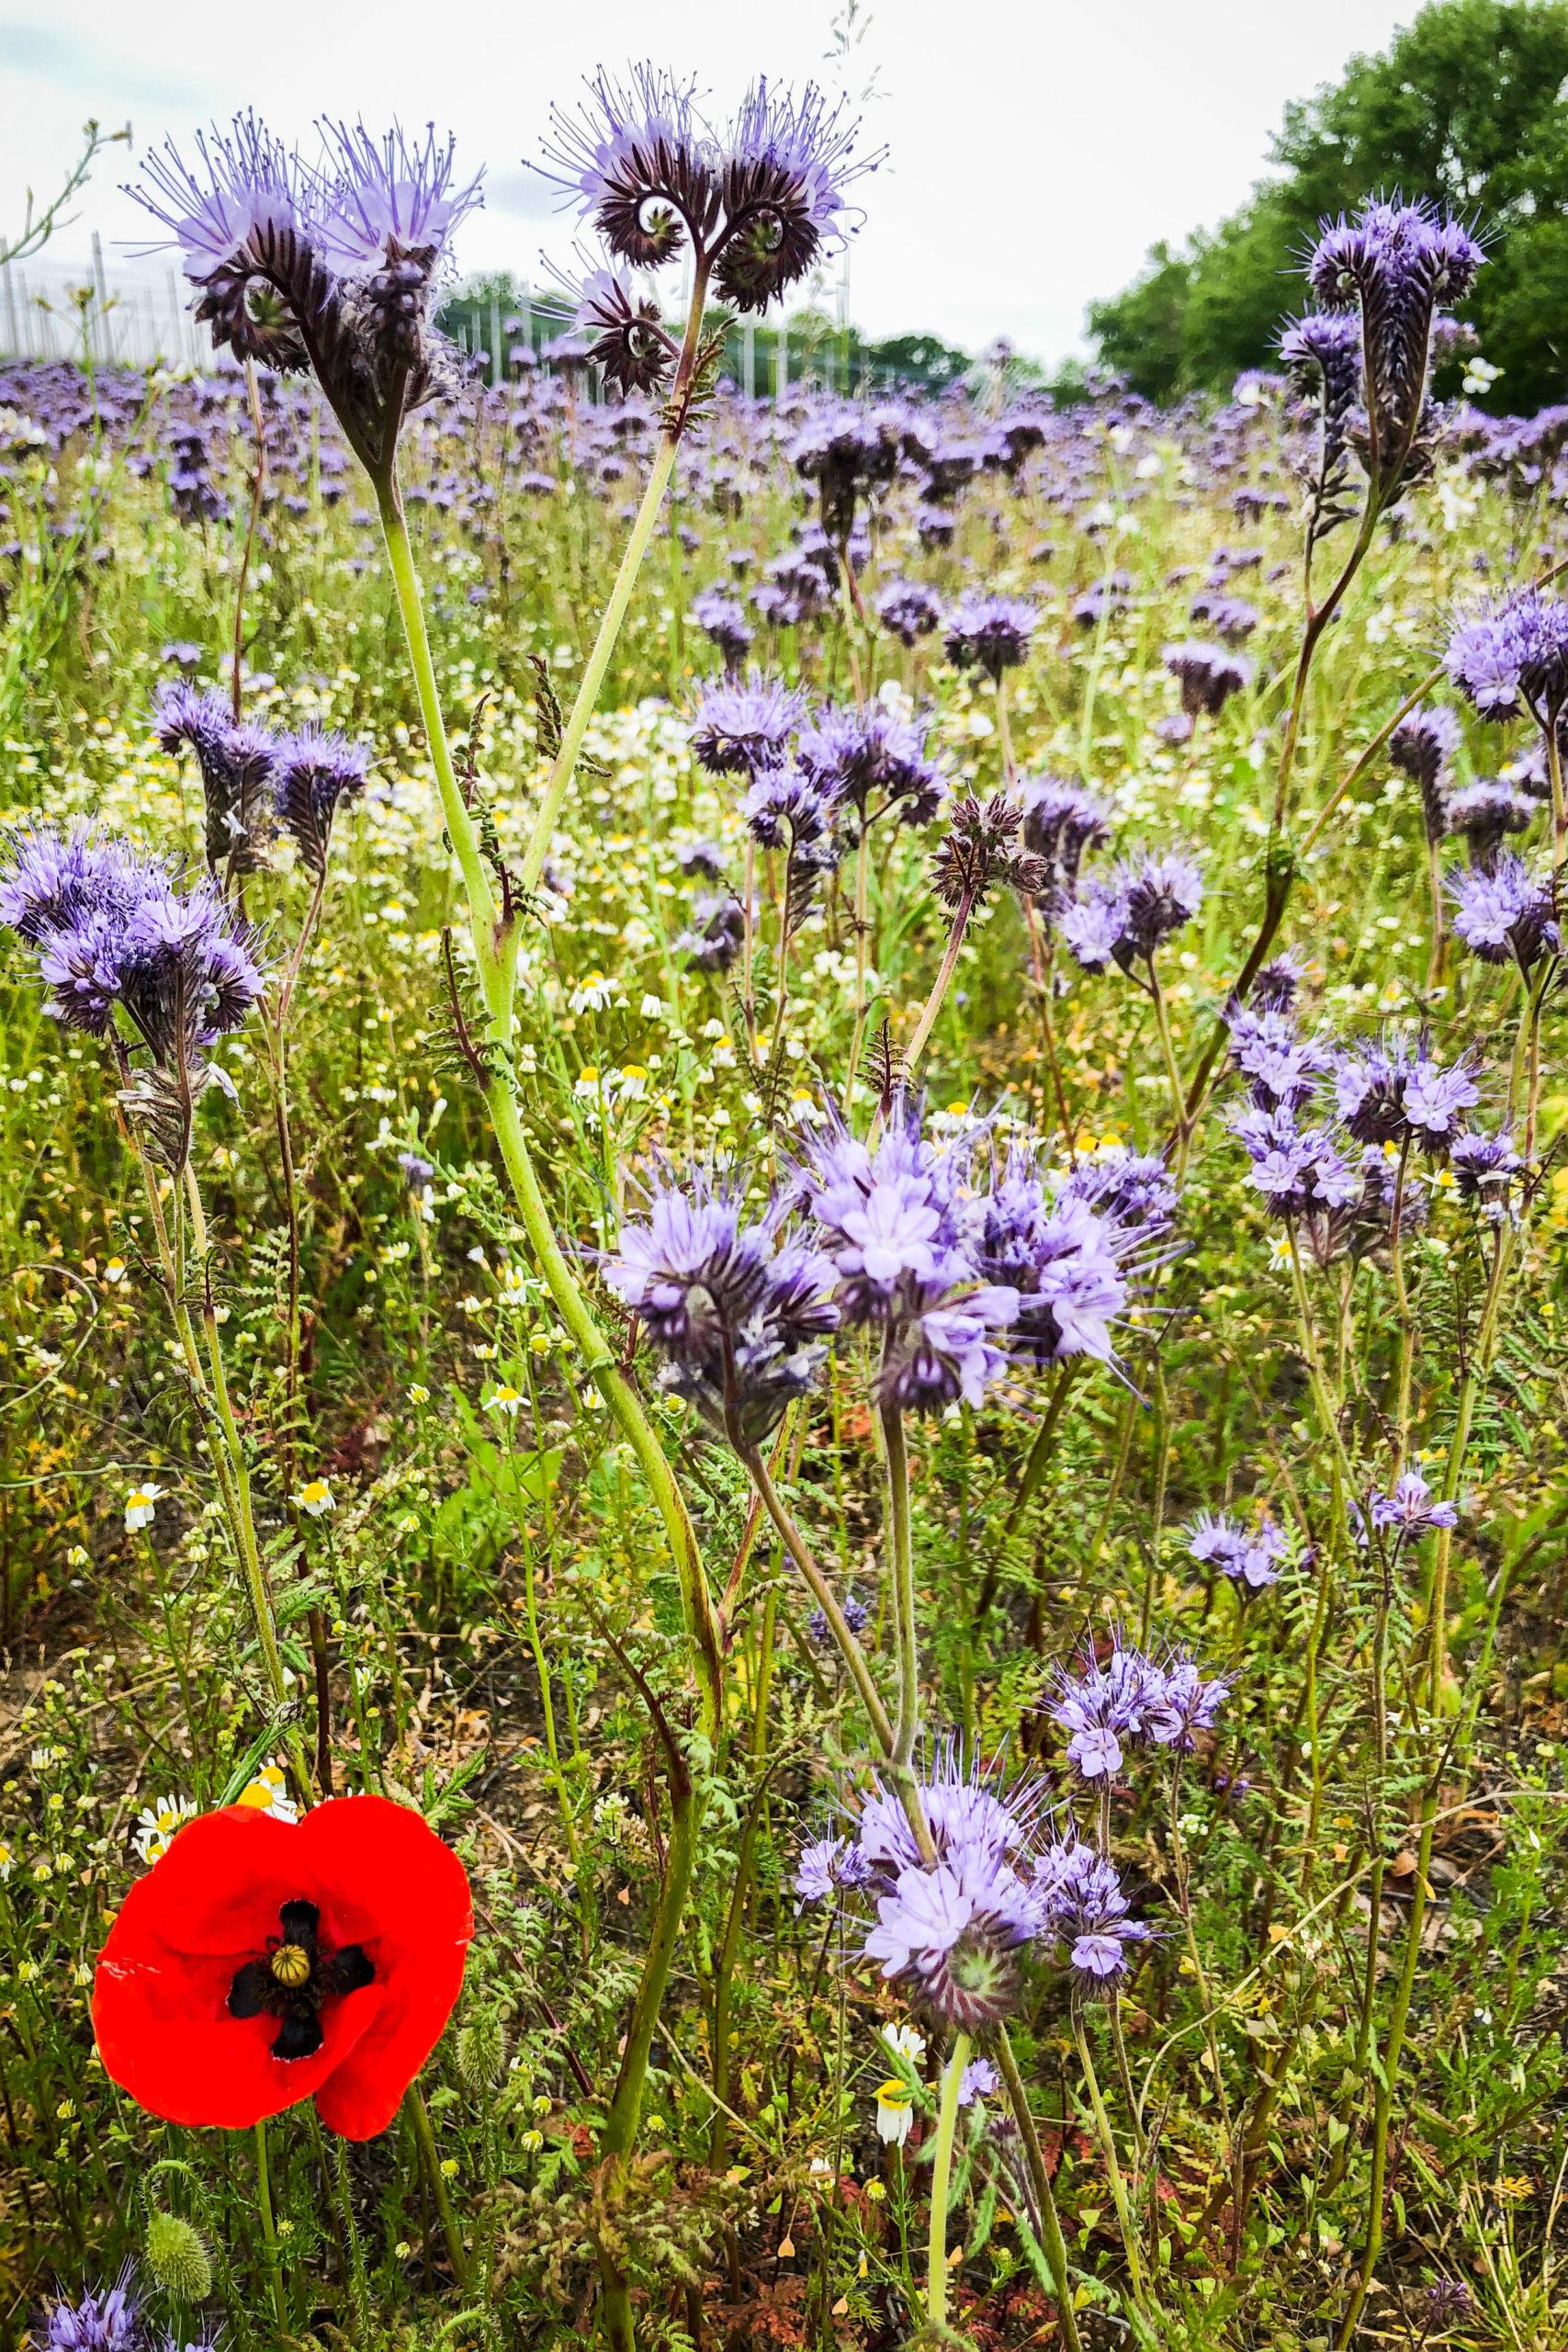 kurz vor Meißen fanden wir ein wunderschönes Blumenfeld